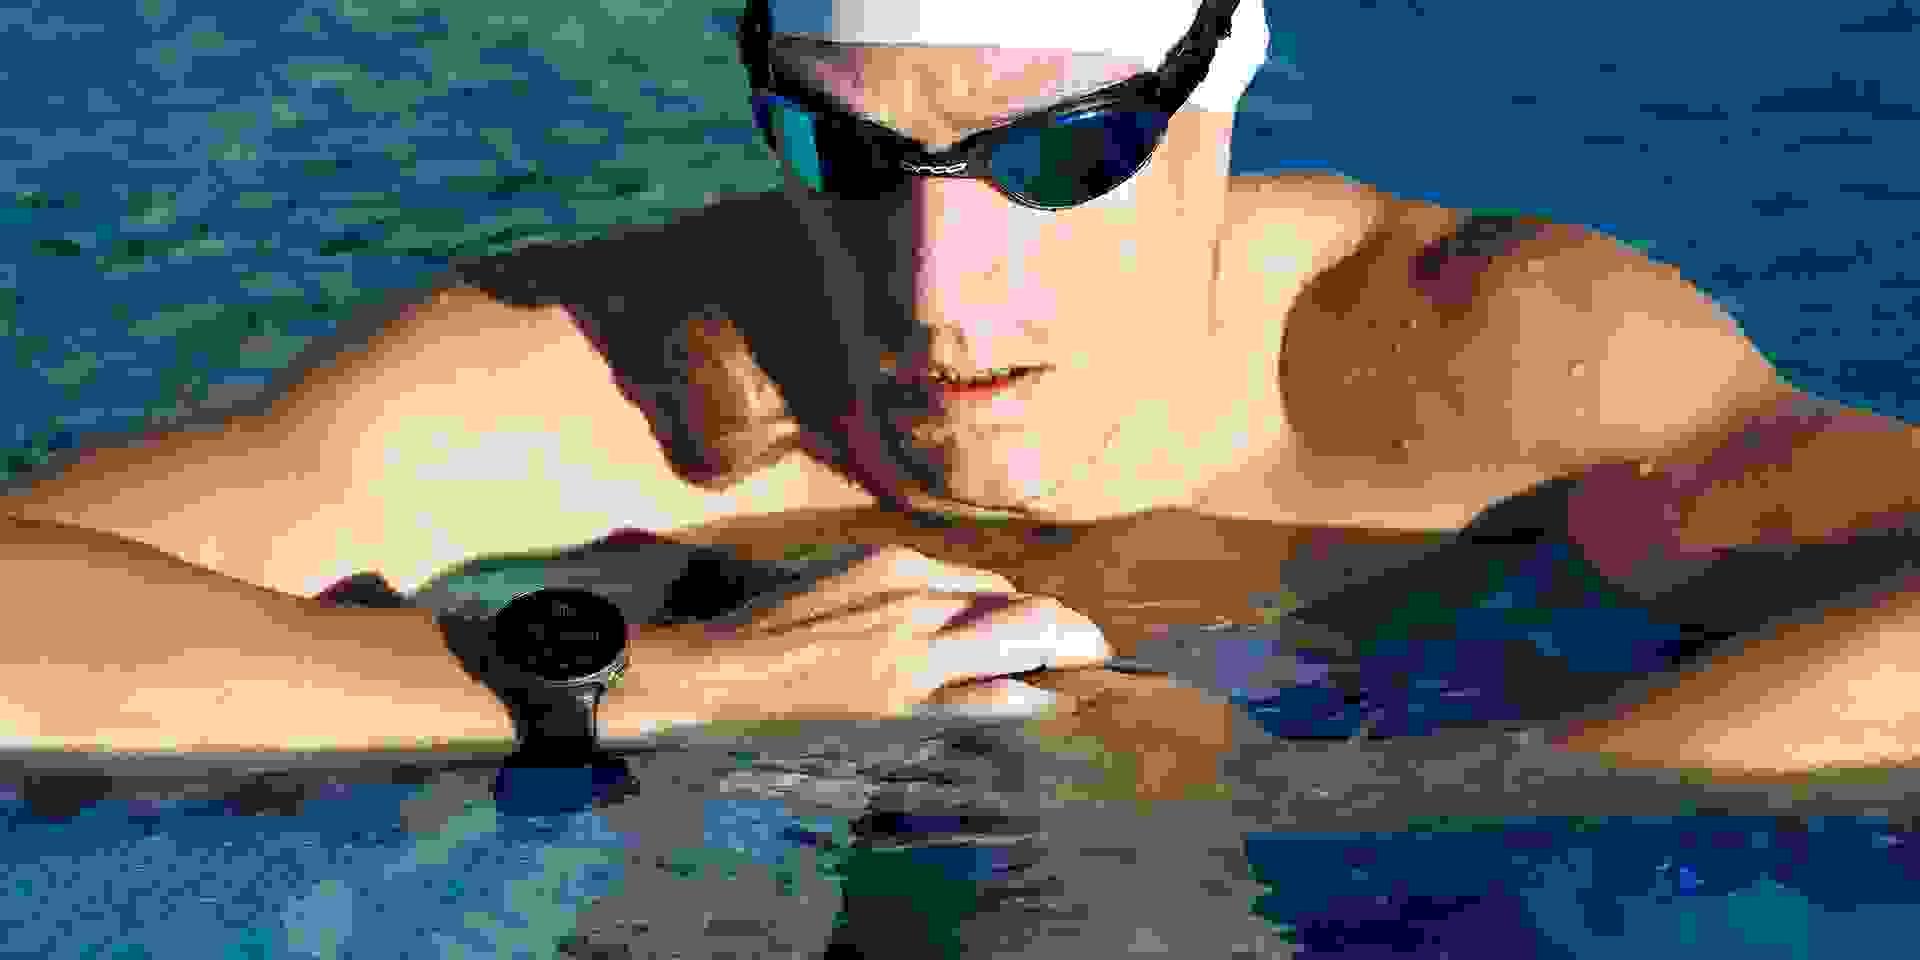 Ein Mann trägt beim Schwimmtraining eine Schwimmbrille